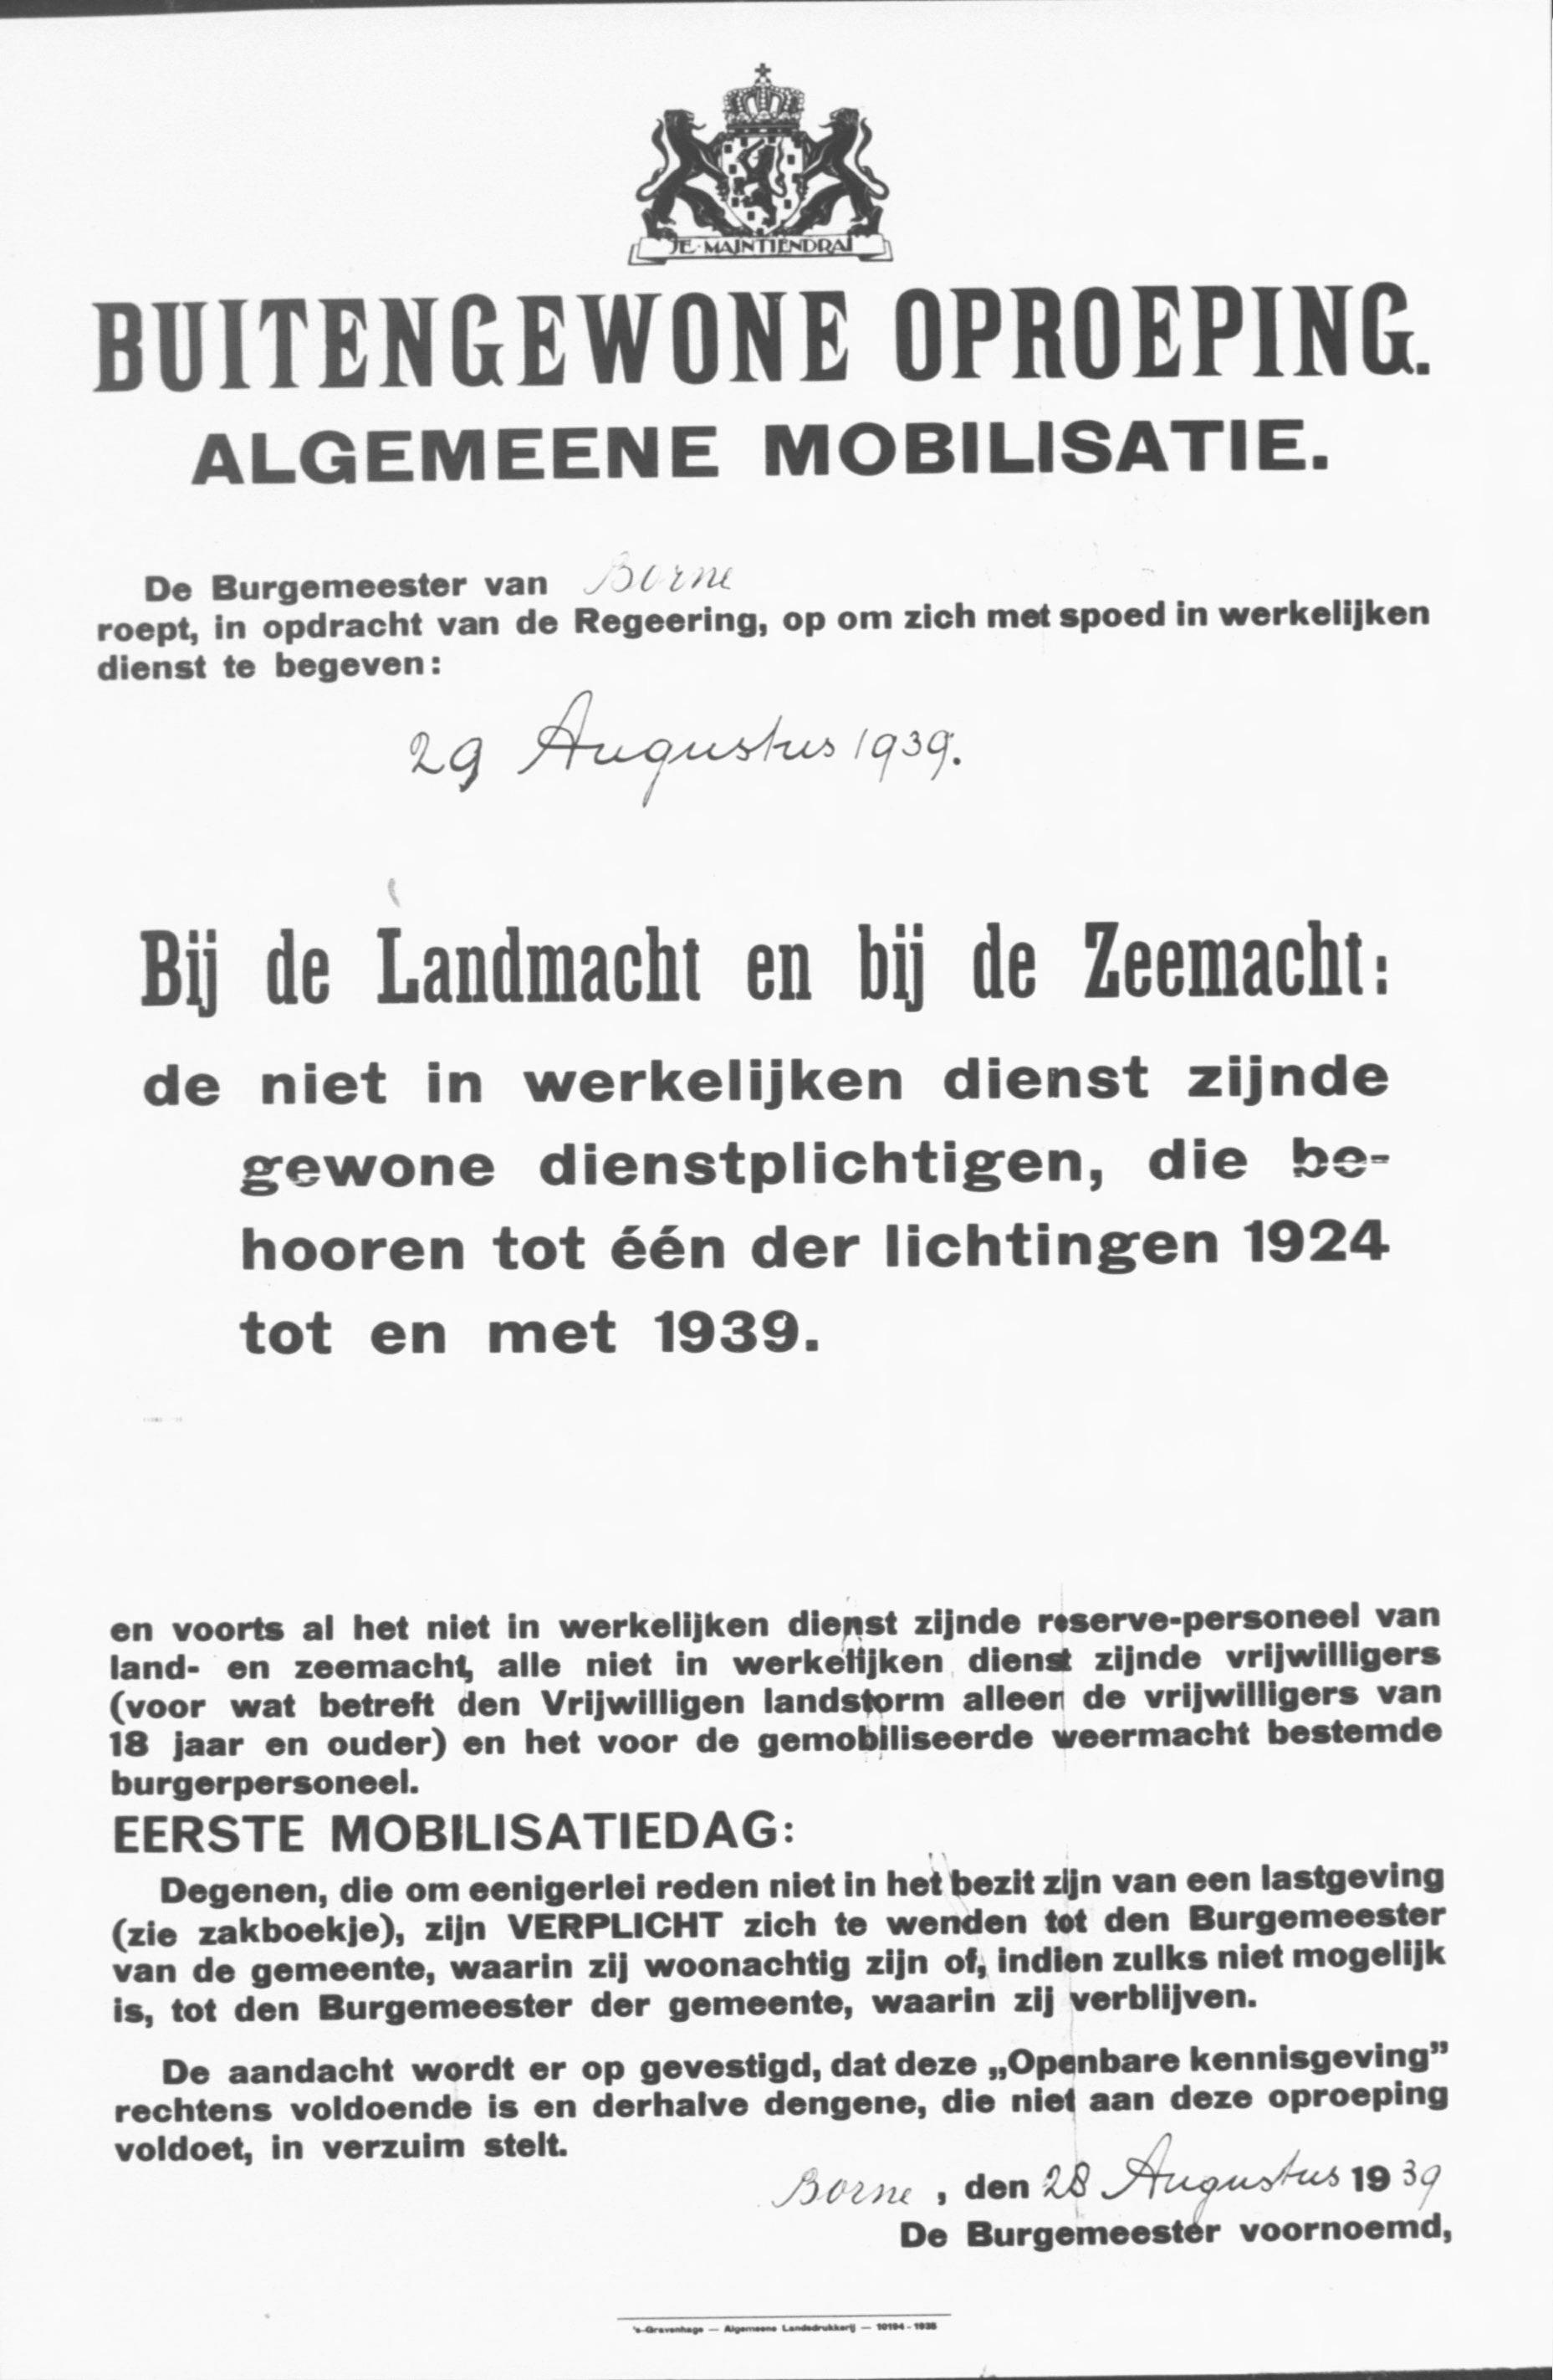 Afkondiging van algemene mobilisatie